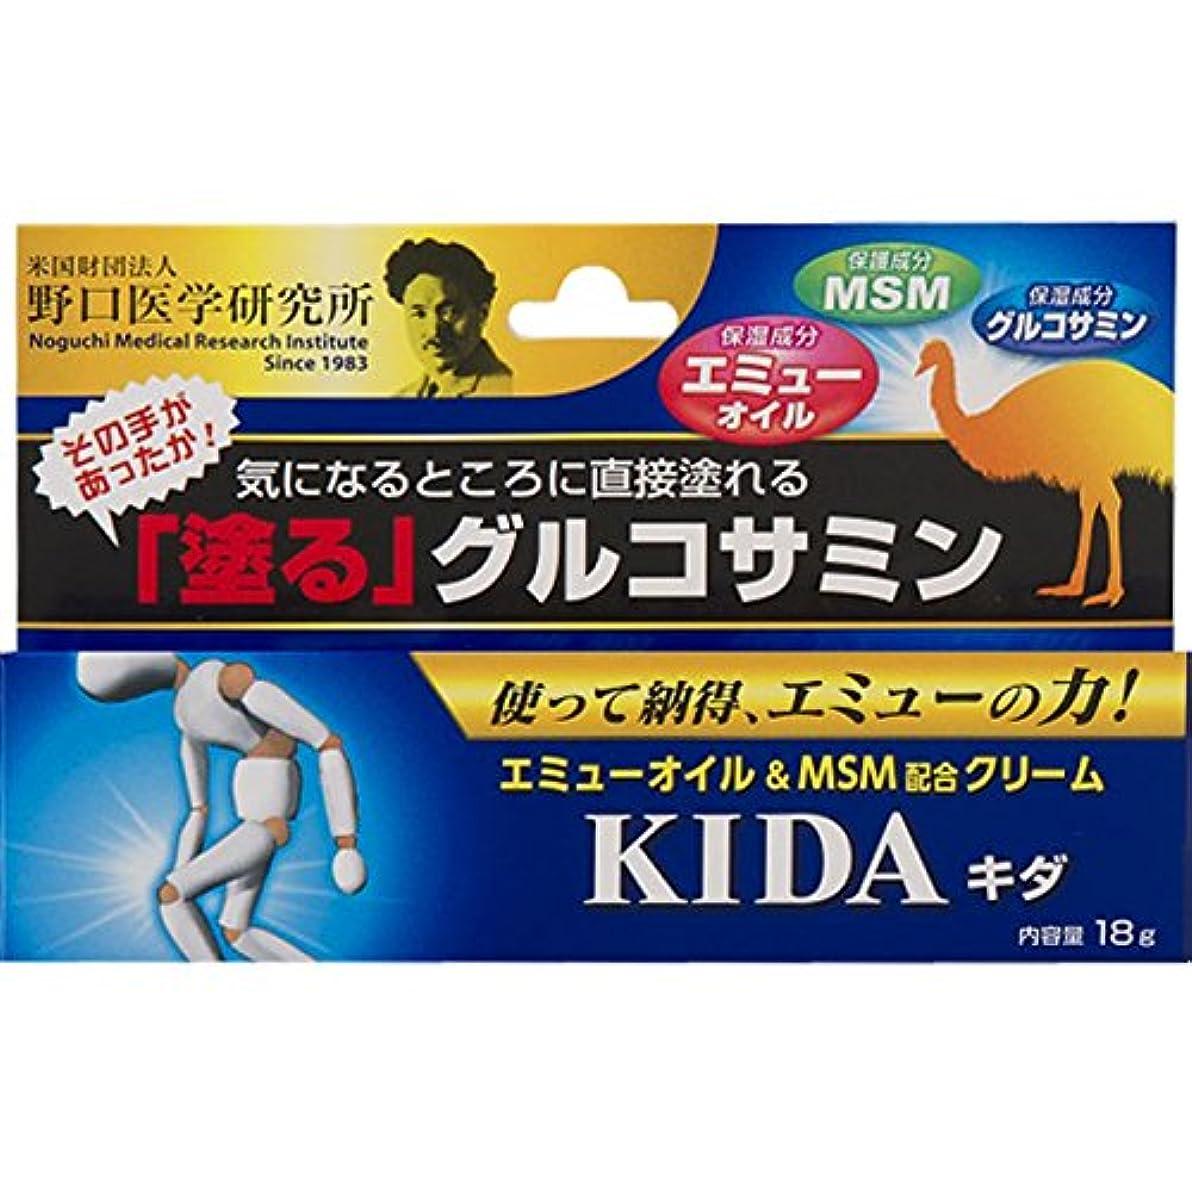 勇敢なパンダする必要があるキダ エミューオイル&MSM配合クリーム(18g)